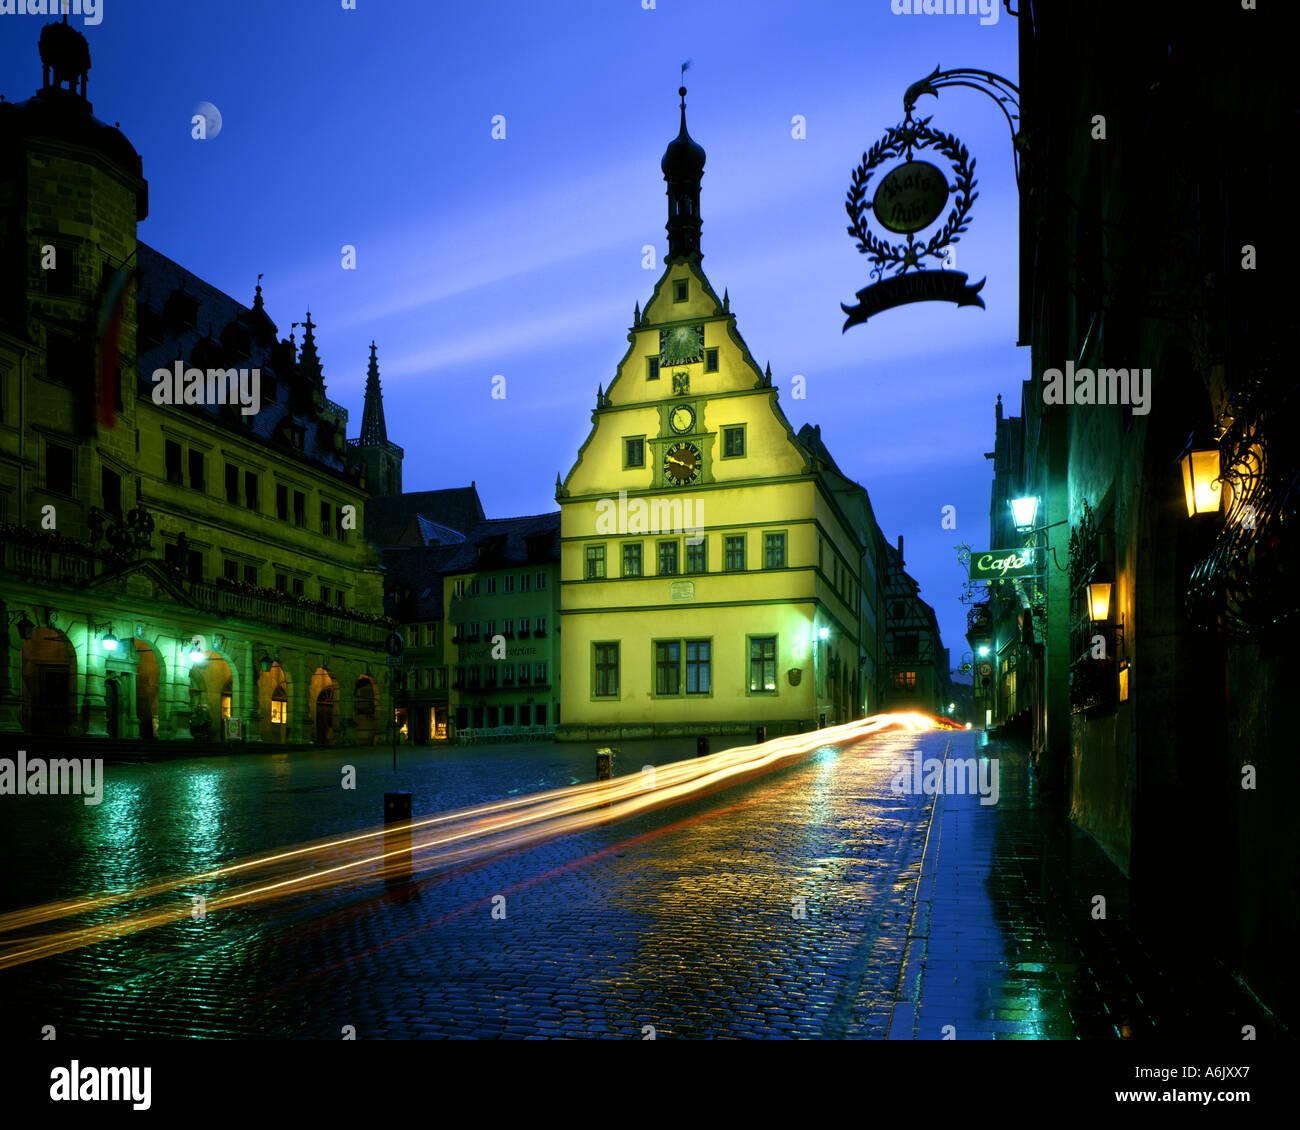 DE - Bayern: Das historische Rathaus in Rothenburg-Ob-der-Tauber Stockbild